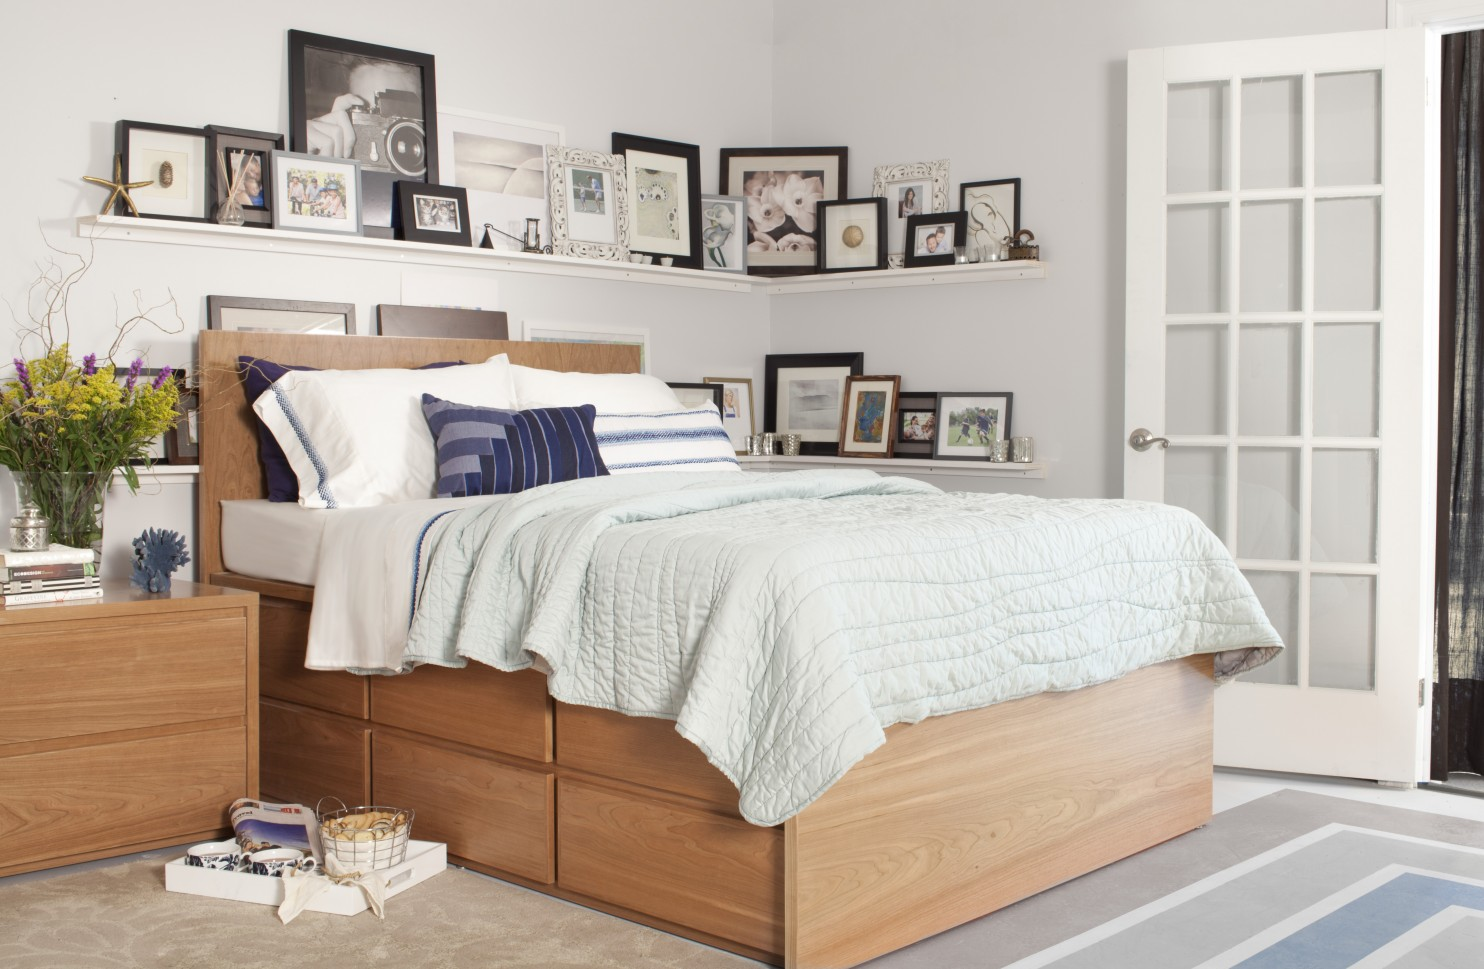 Giường ngủ với ngăn đựng đồ có khả năng lưu trữ nhiều vật dụng